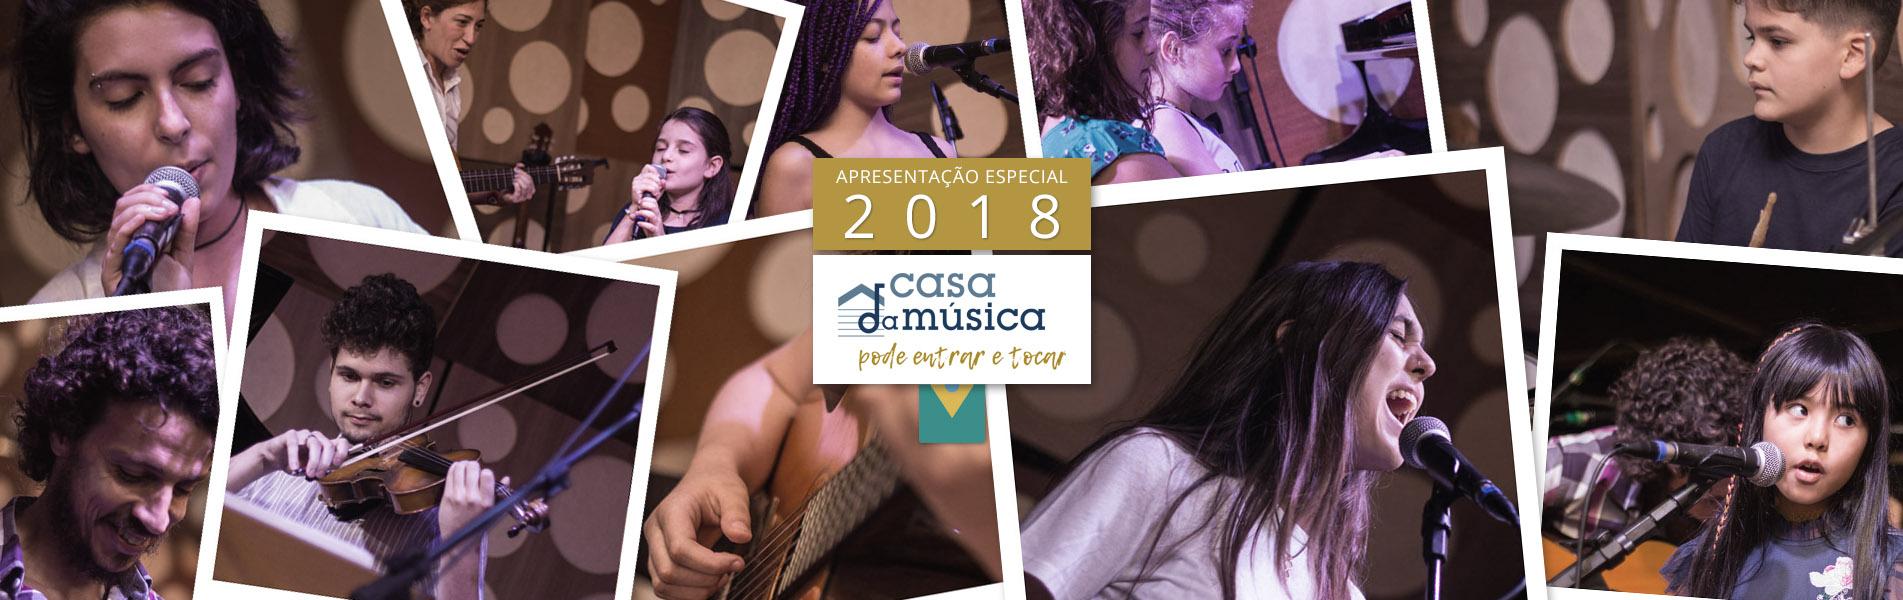 projetos-casa-apresentacao-especial-2018